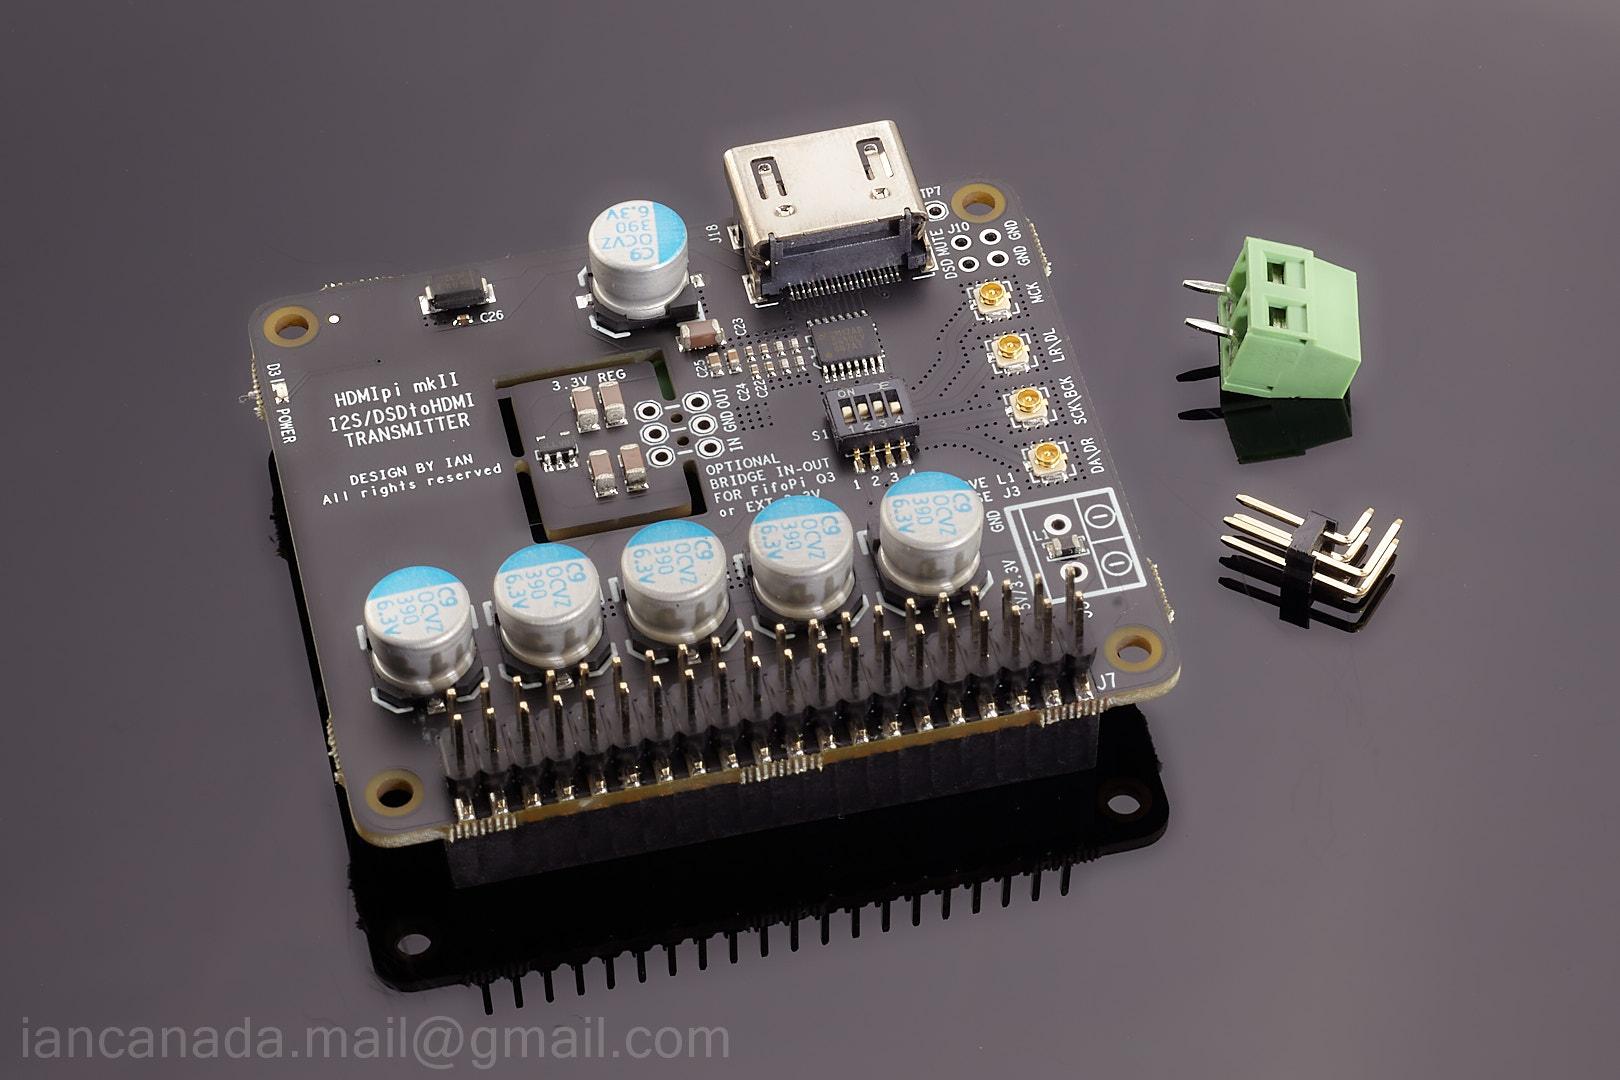 HDMIpi transmitter